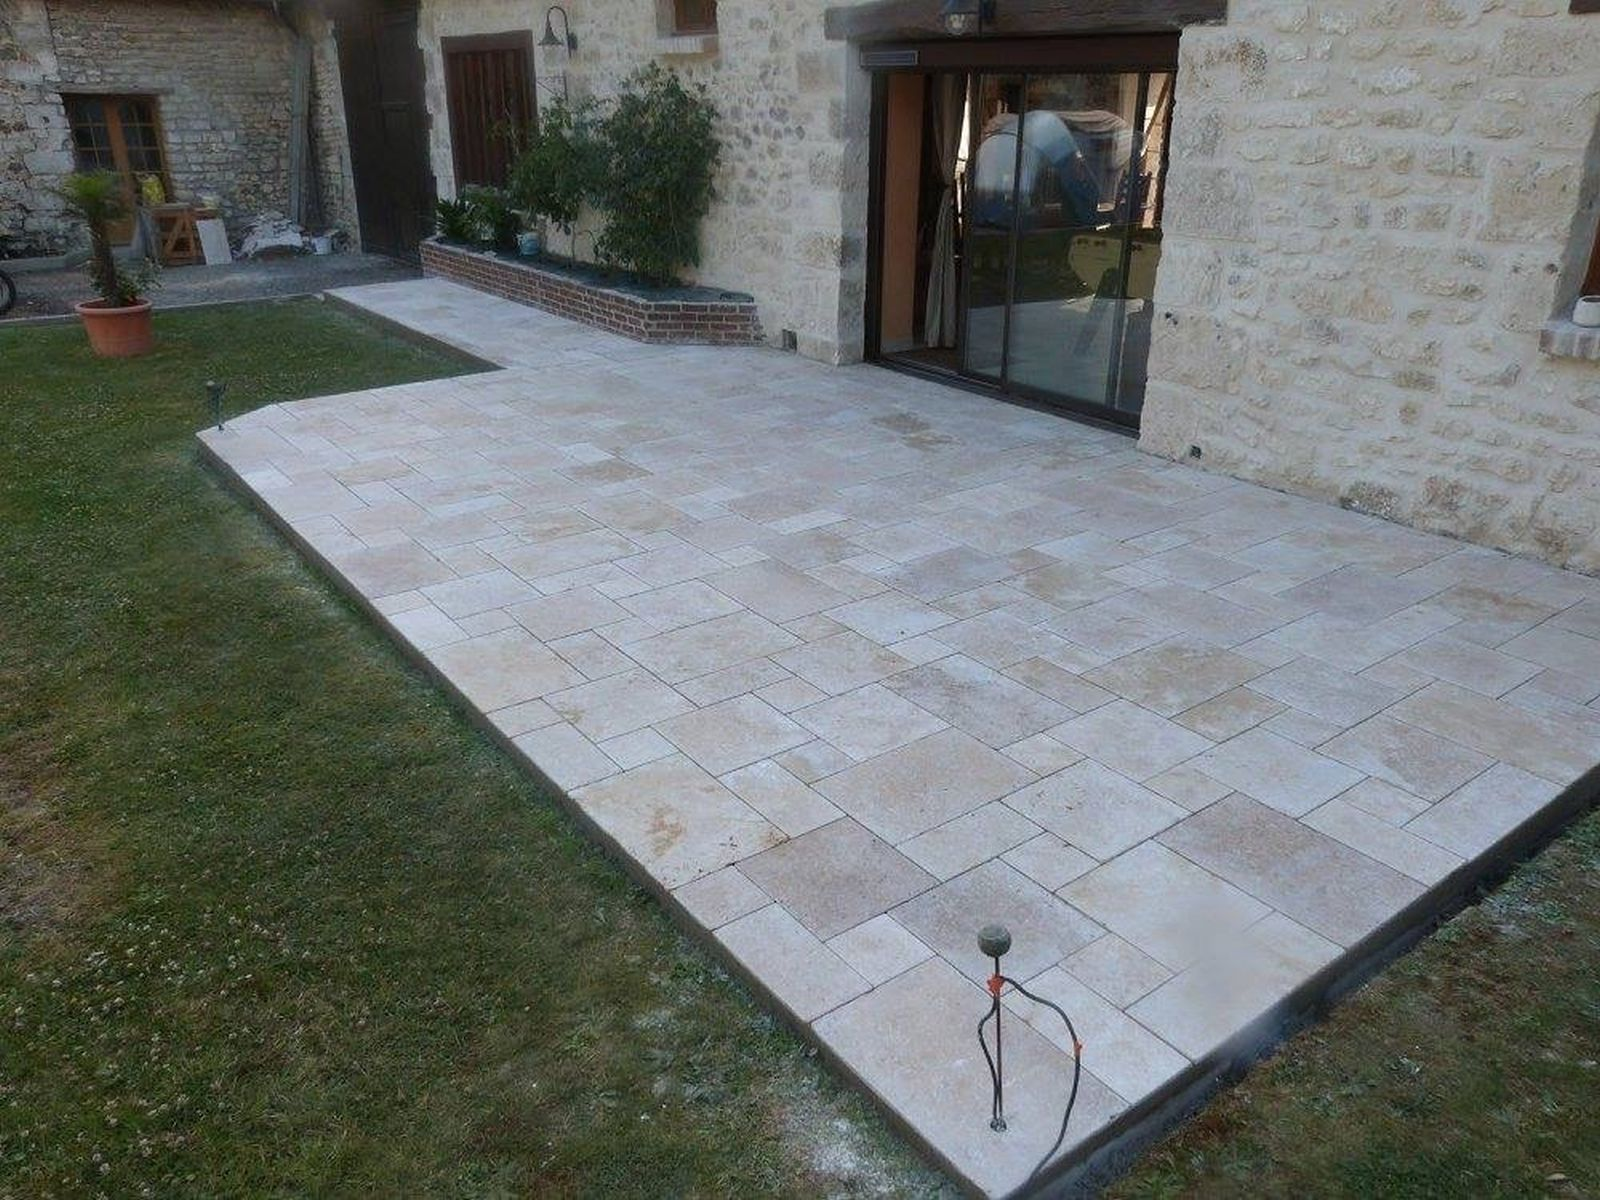 Entreprise De Maçonnerie Aix En Provence maçonnerie cel - maçonnerie dans les alpilles, arles, salon